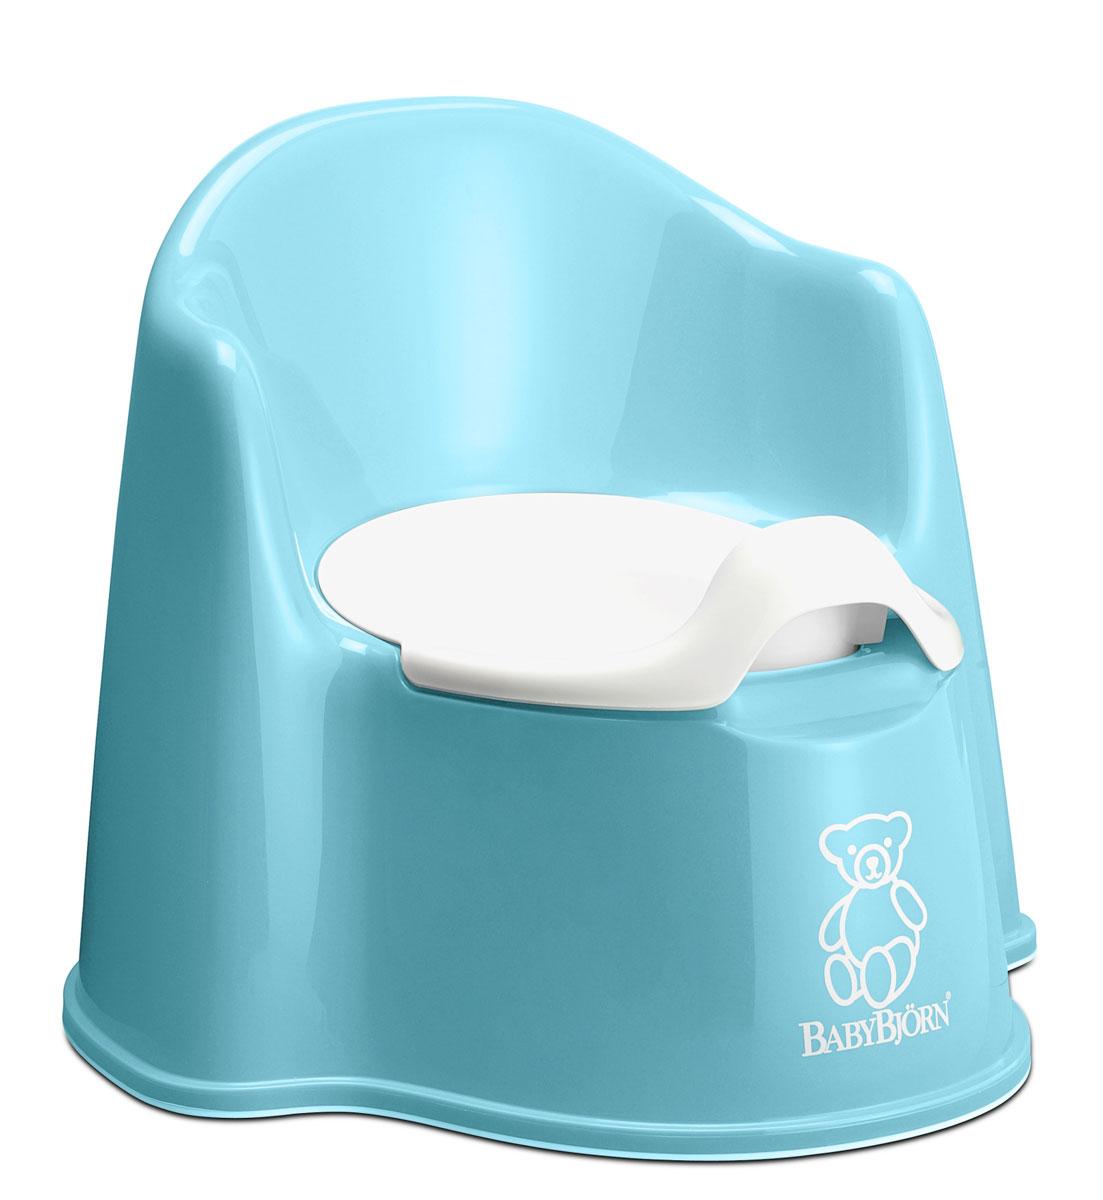 Горшок-кресло  BabyBjorn , цвет: бирюзовый - Уход и здоровье